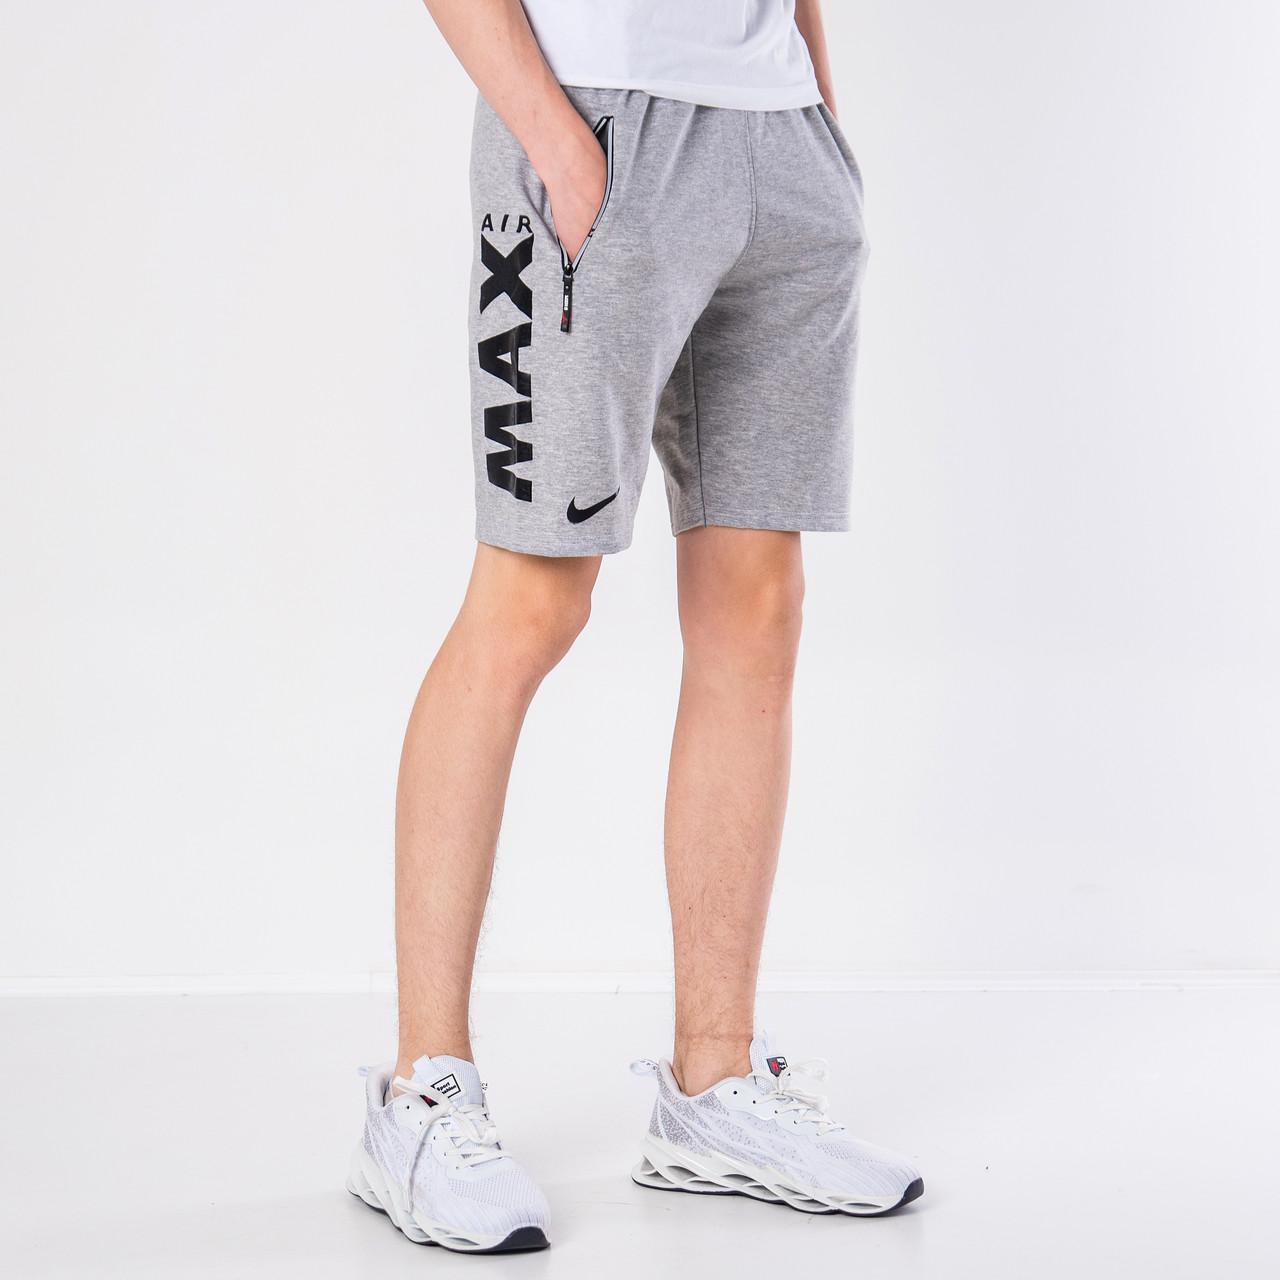 Мужские трикотажные шорты Nike, светло-серого цвета.